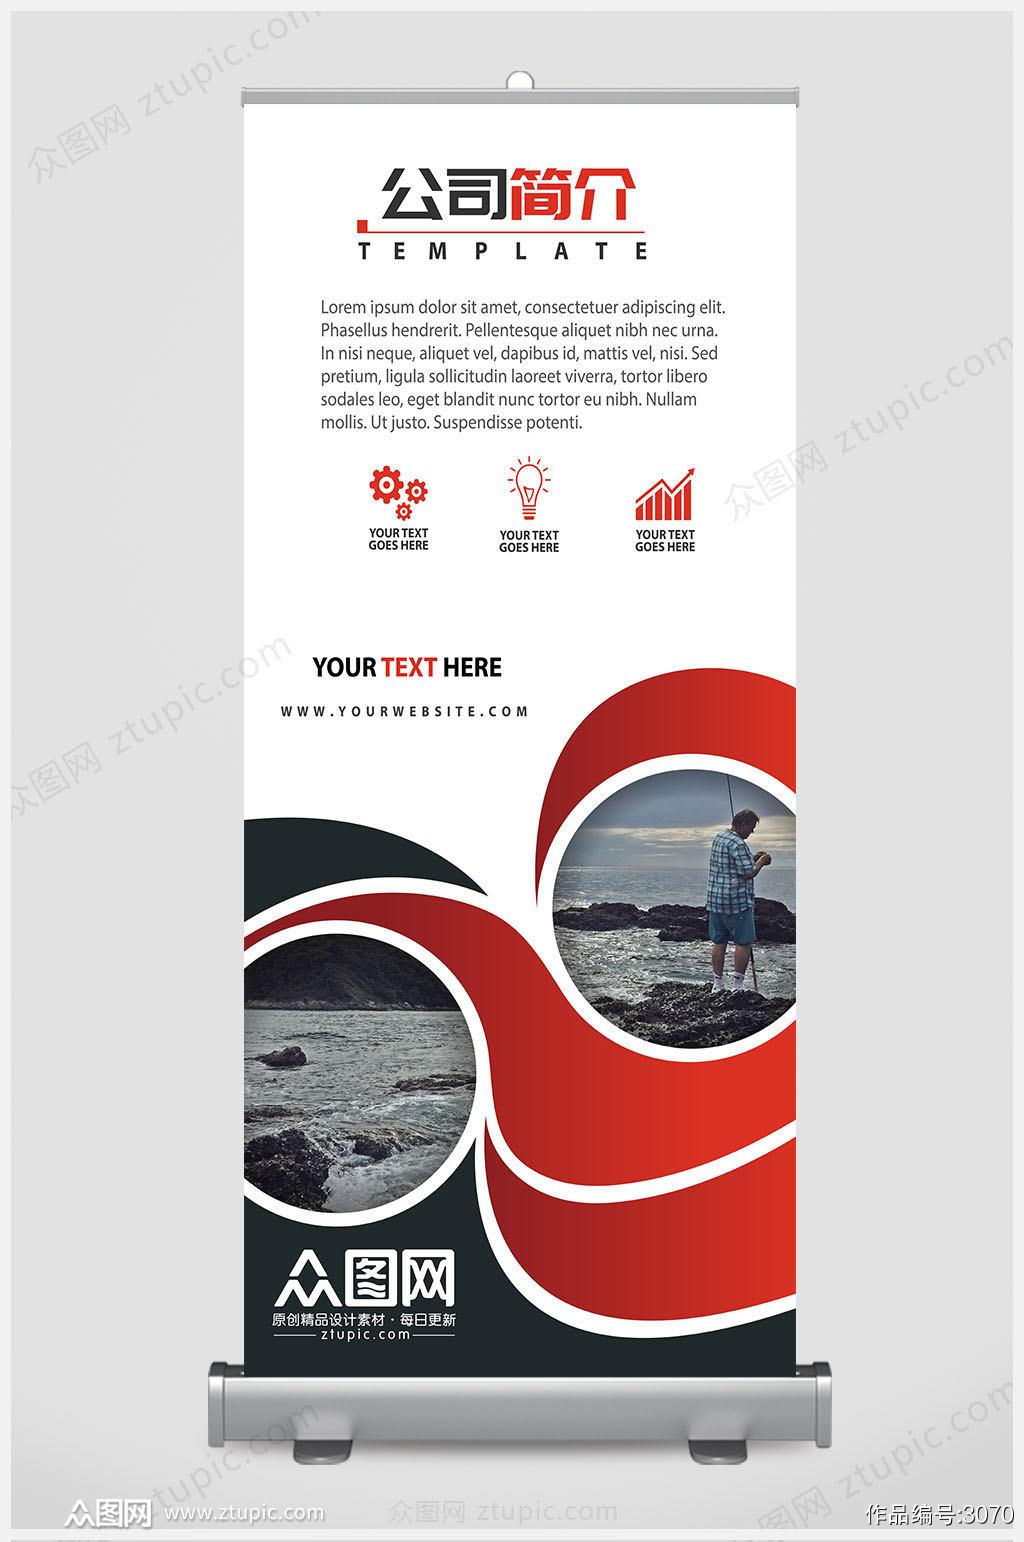 大气时尚动感企业宣传企业简介易拉宝设计素材